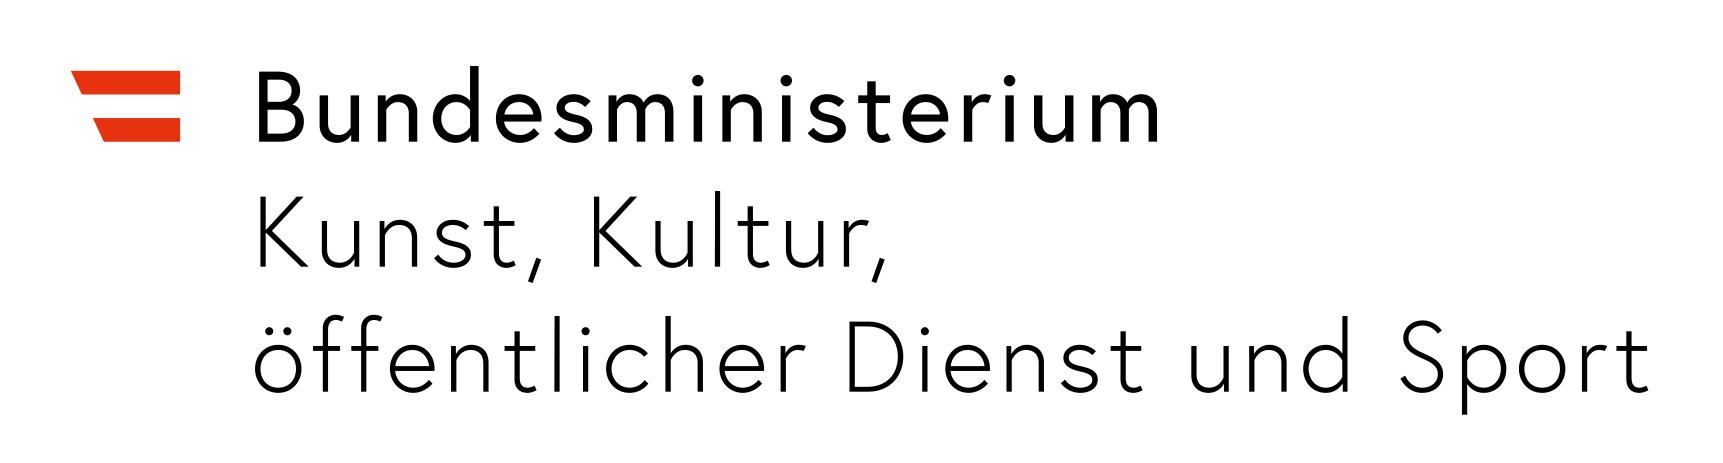 BMKÖS Bundesministerium für Kunst